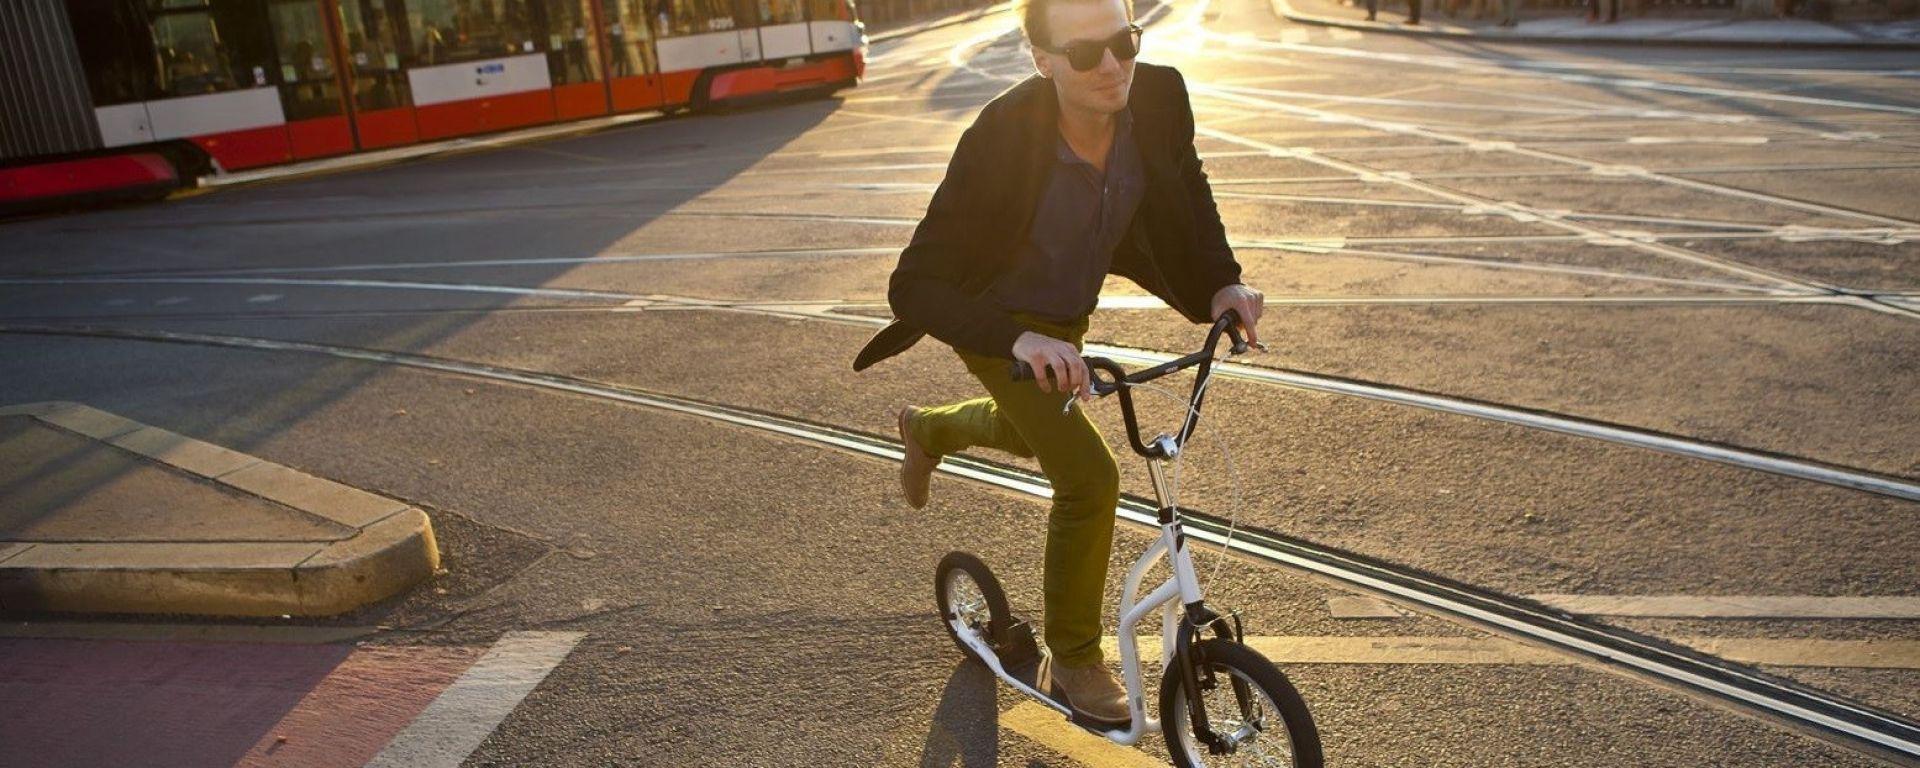 Nuove regole per Monopattini, hoverboard e segway elettrici